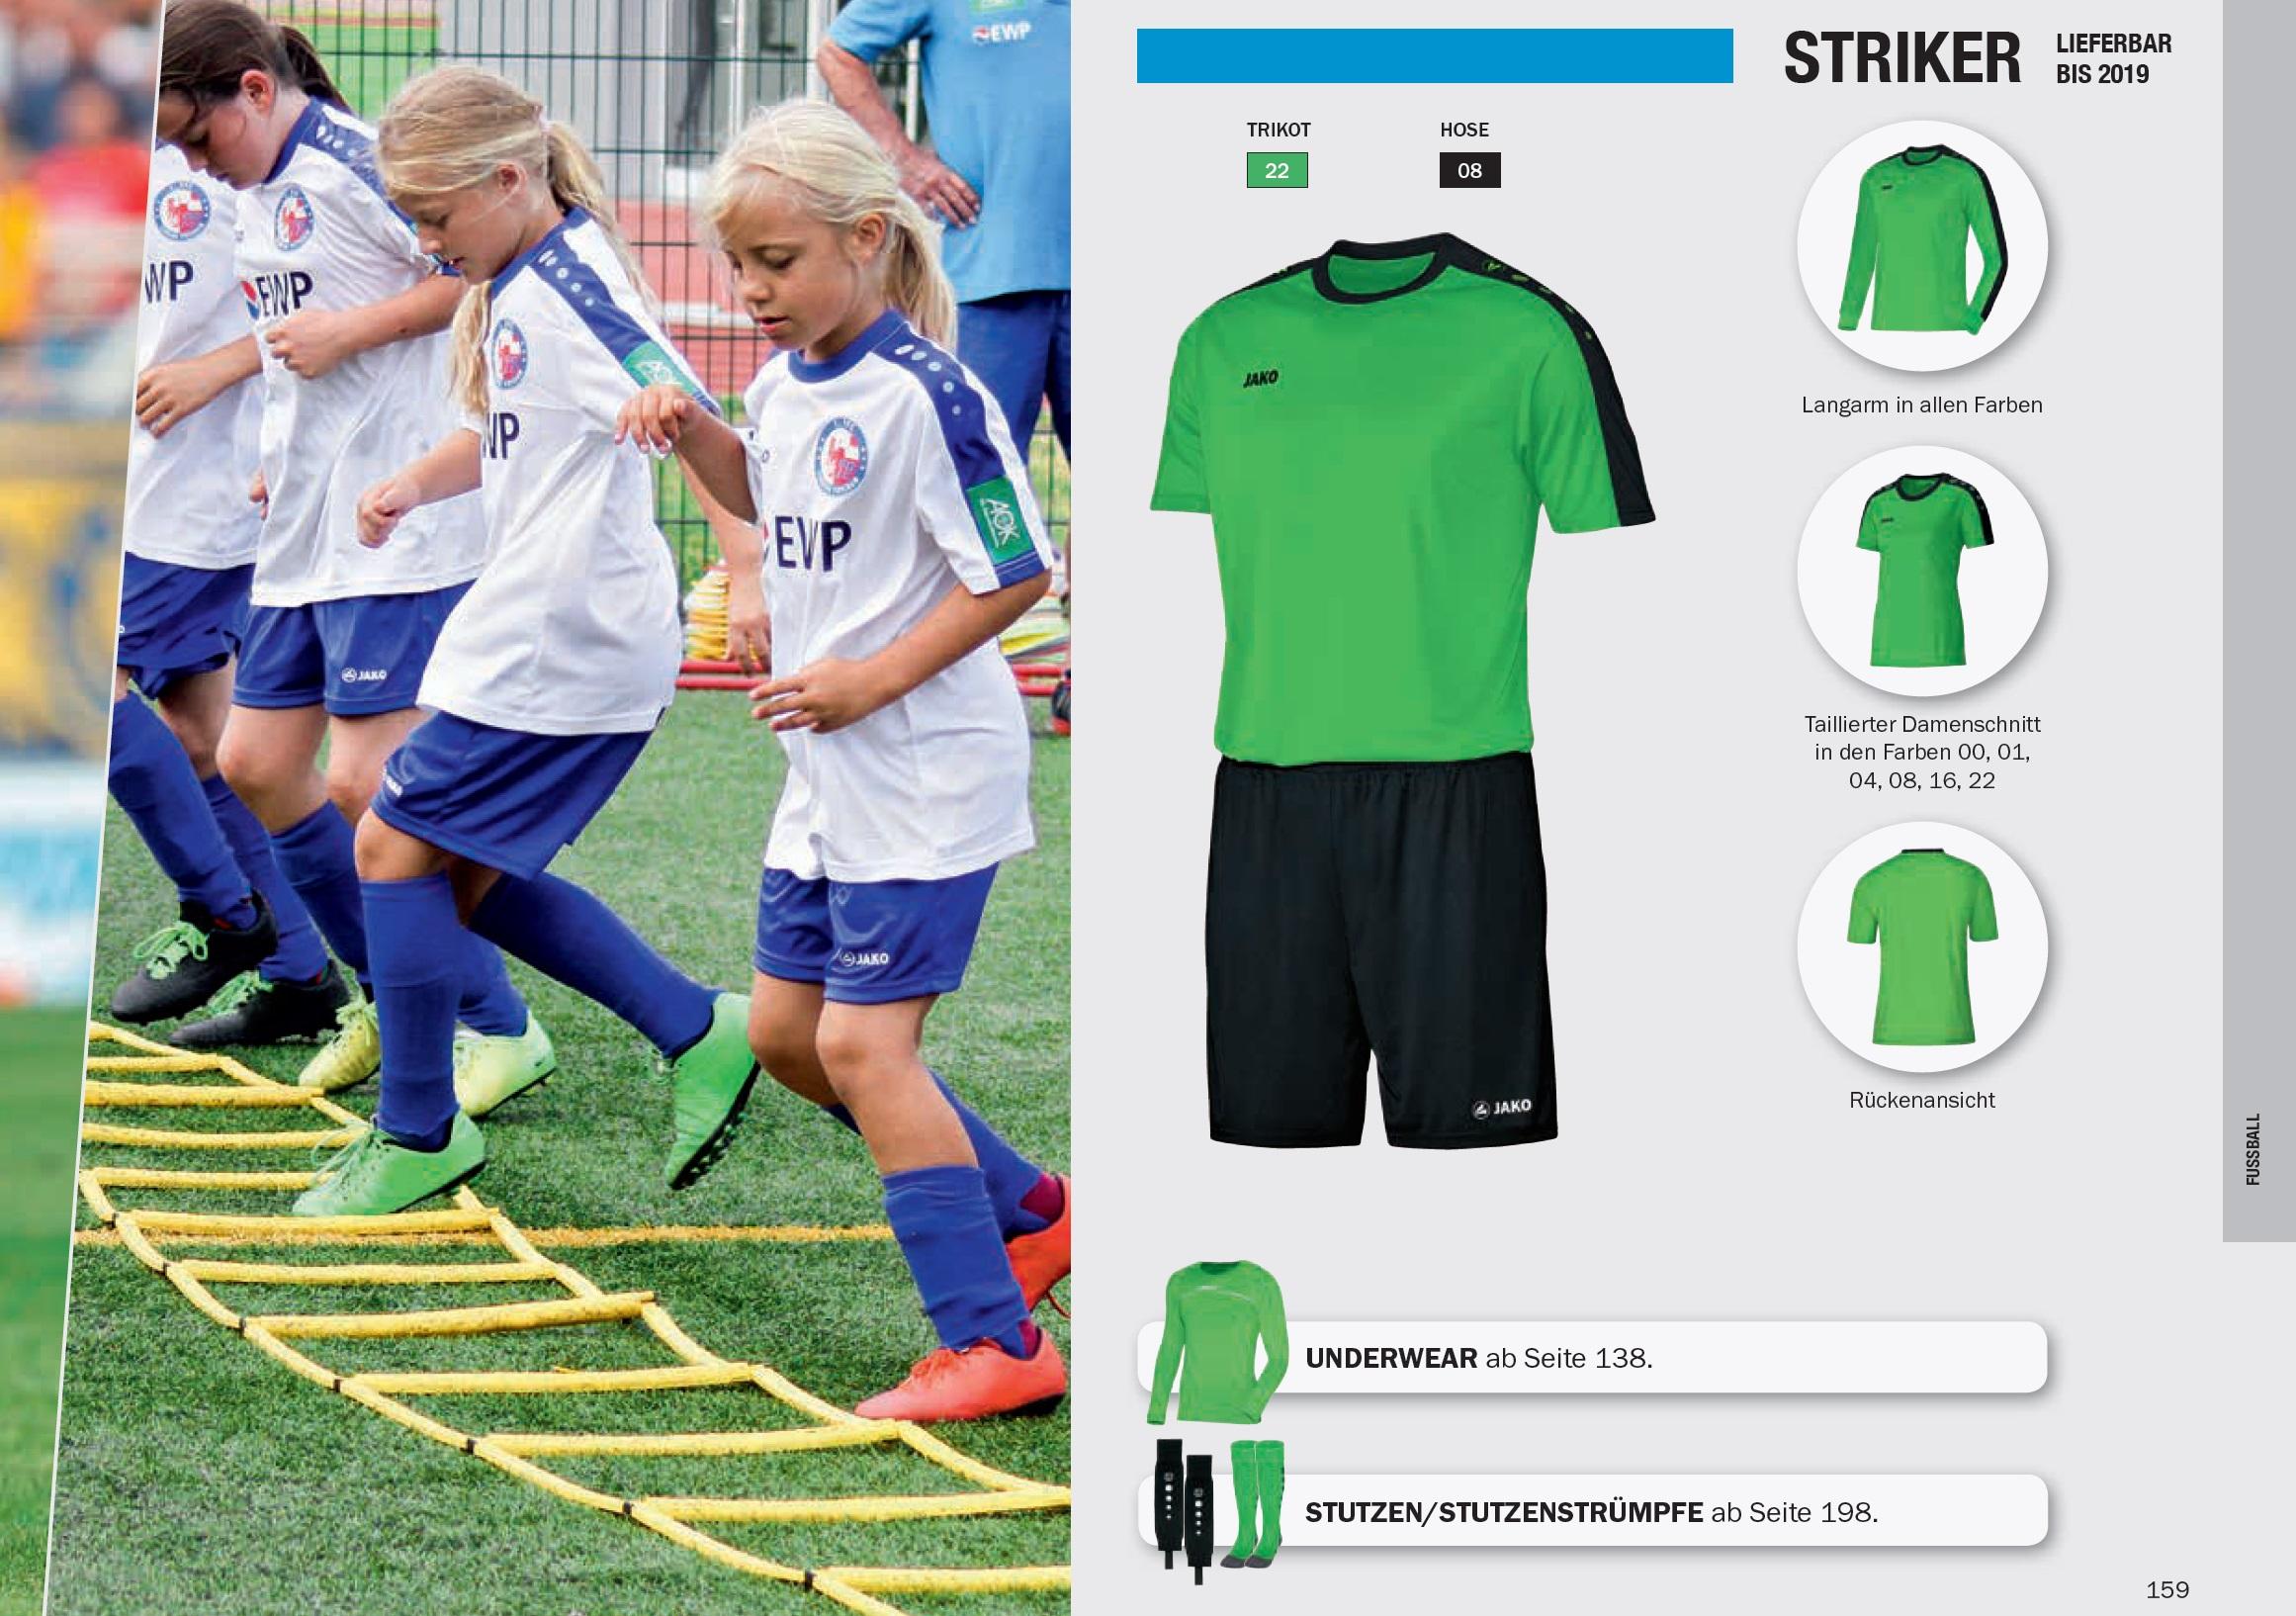 Atemberaubend Fußball Jersey Färbung Seite Fotos - Malvorlagen Von ...